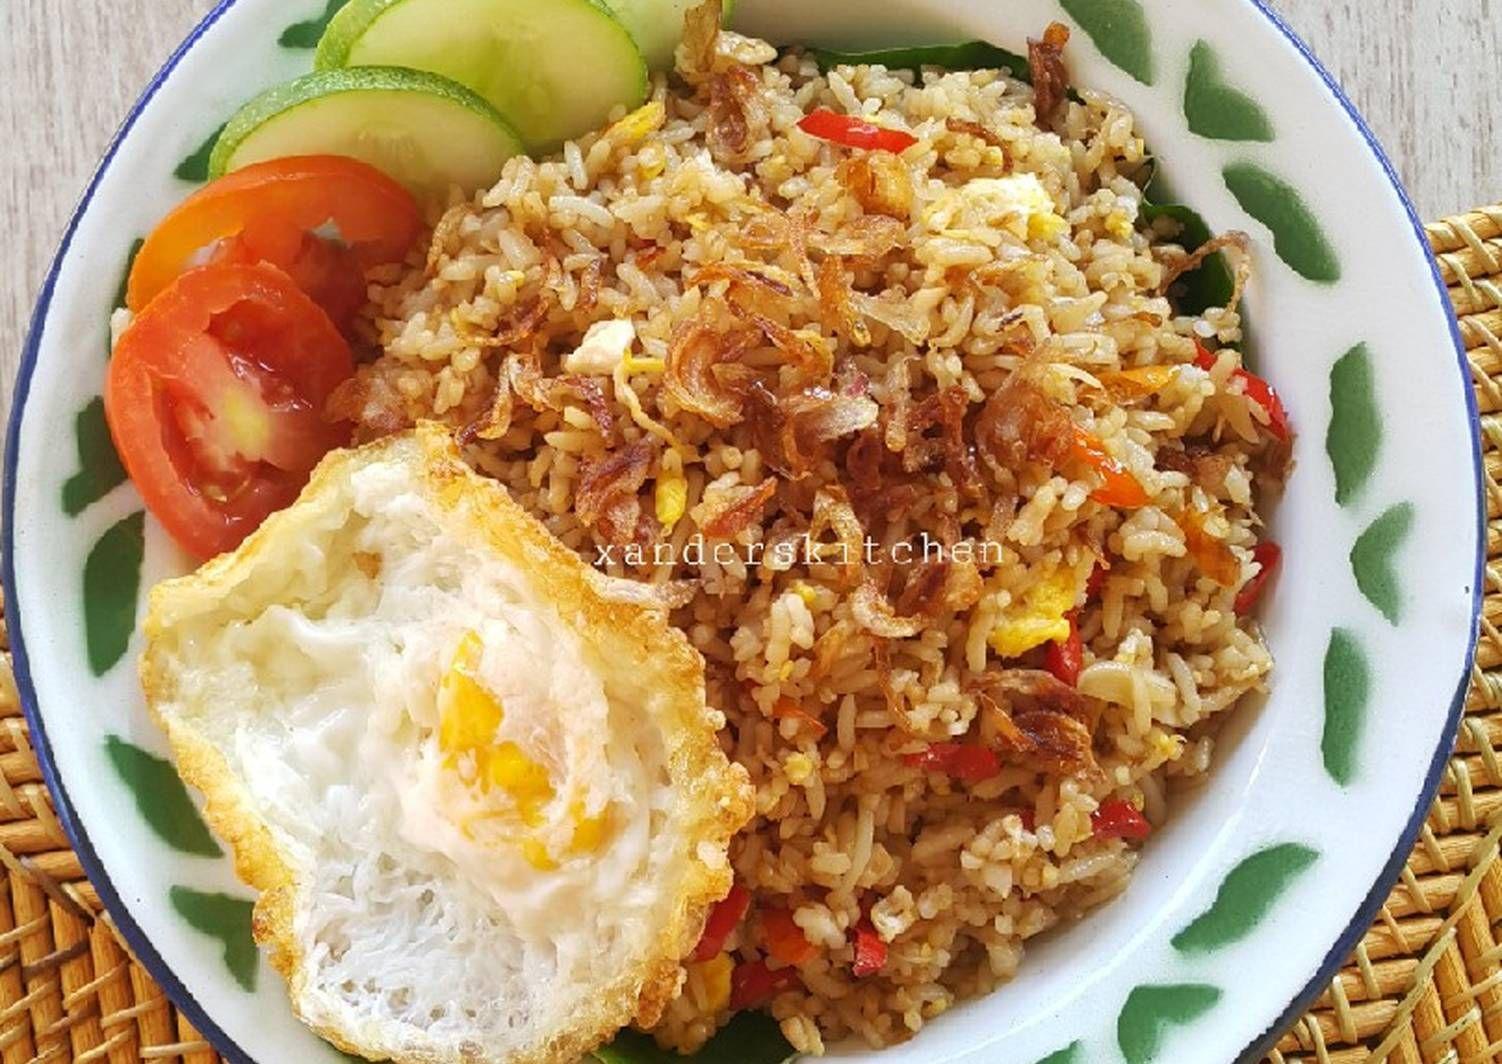 Resep Nasi Goreng Kampung Oleh Xander S Kitchen Resep Resep Nasi Goreng Resep Nasi Resep Masakan Asia